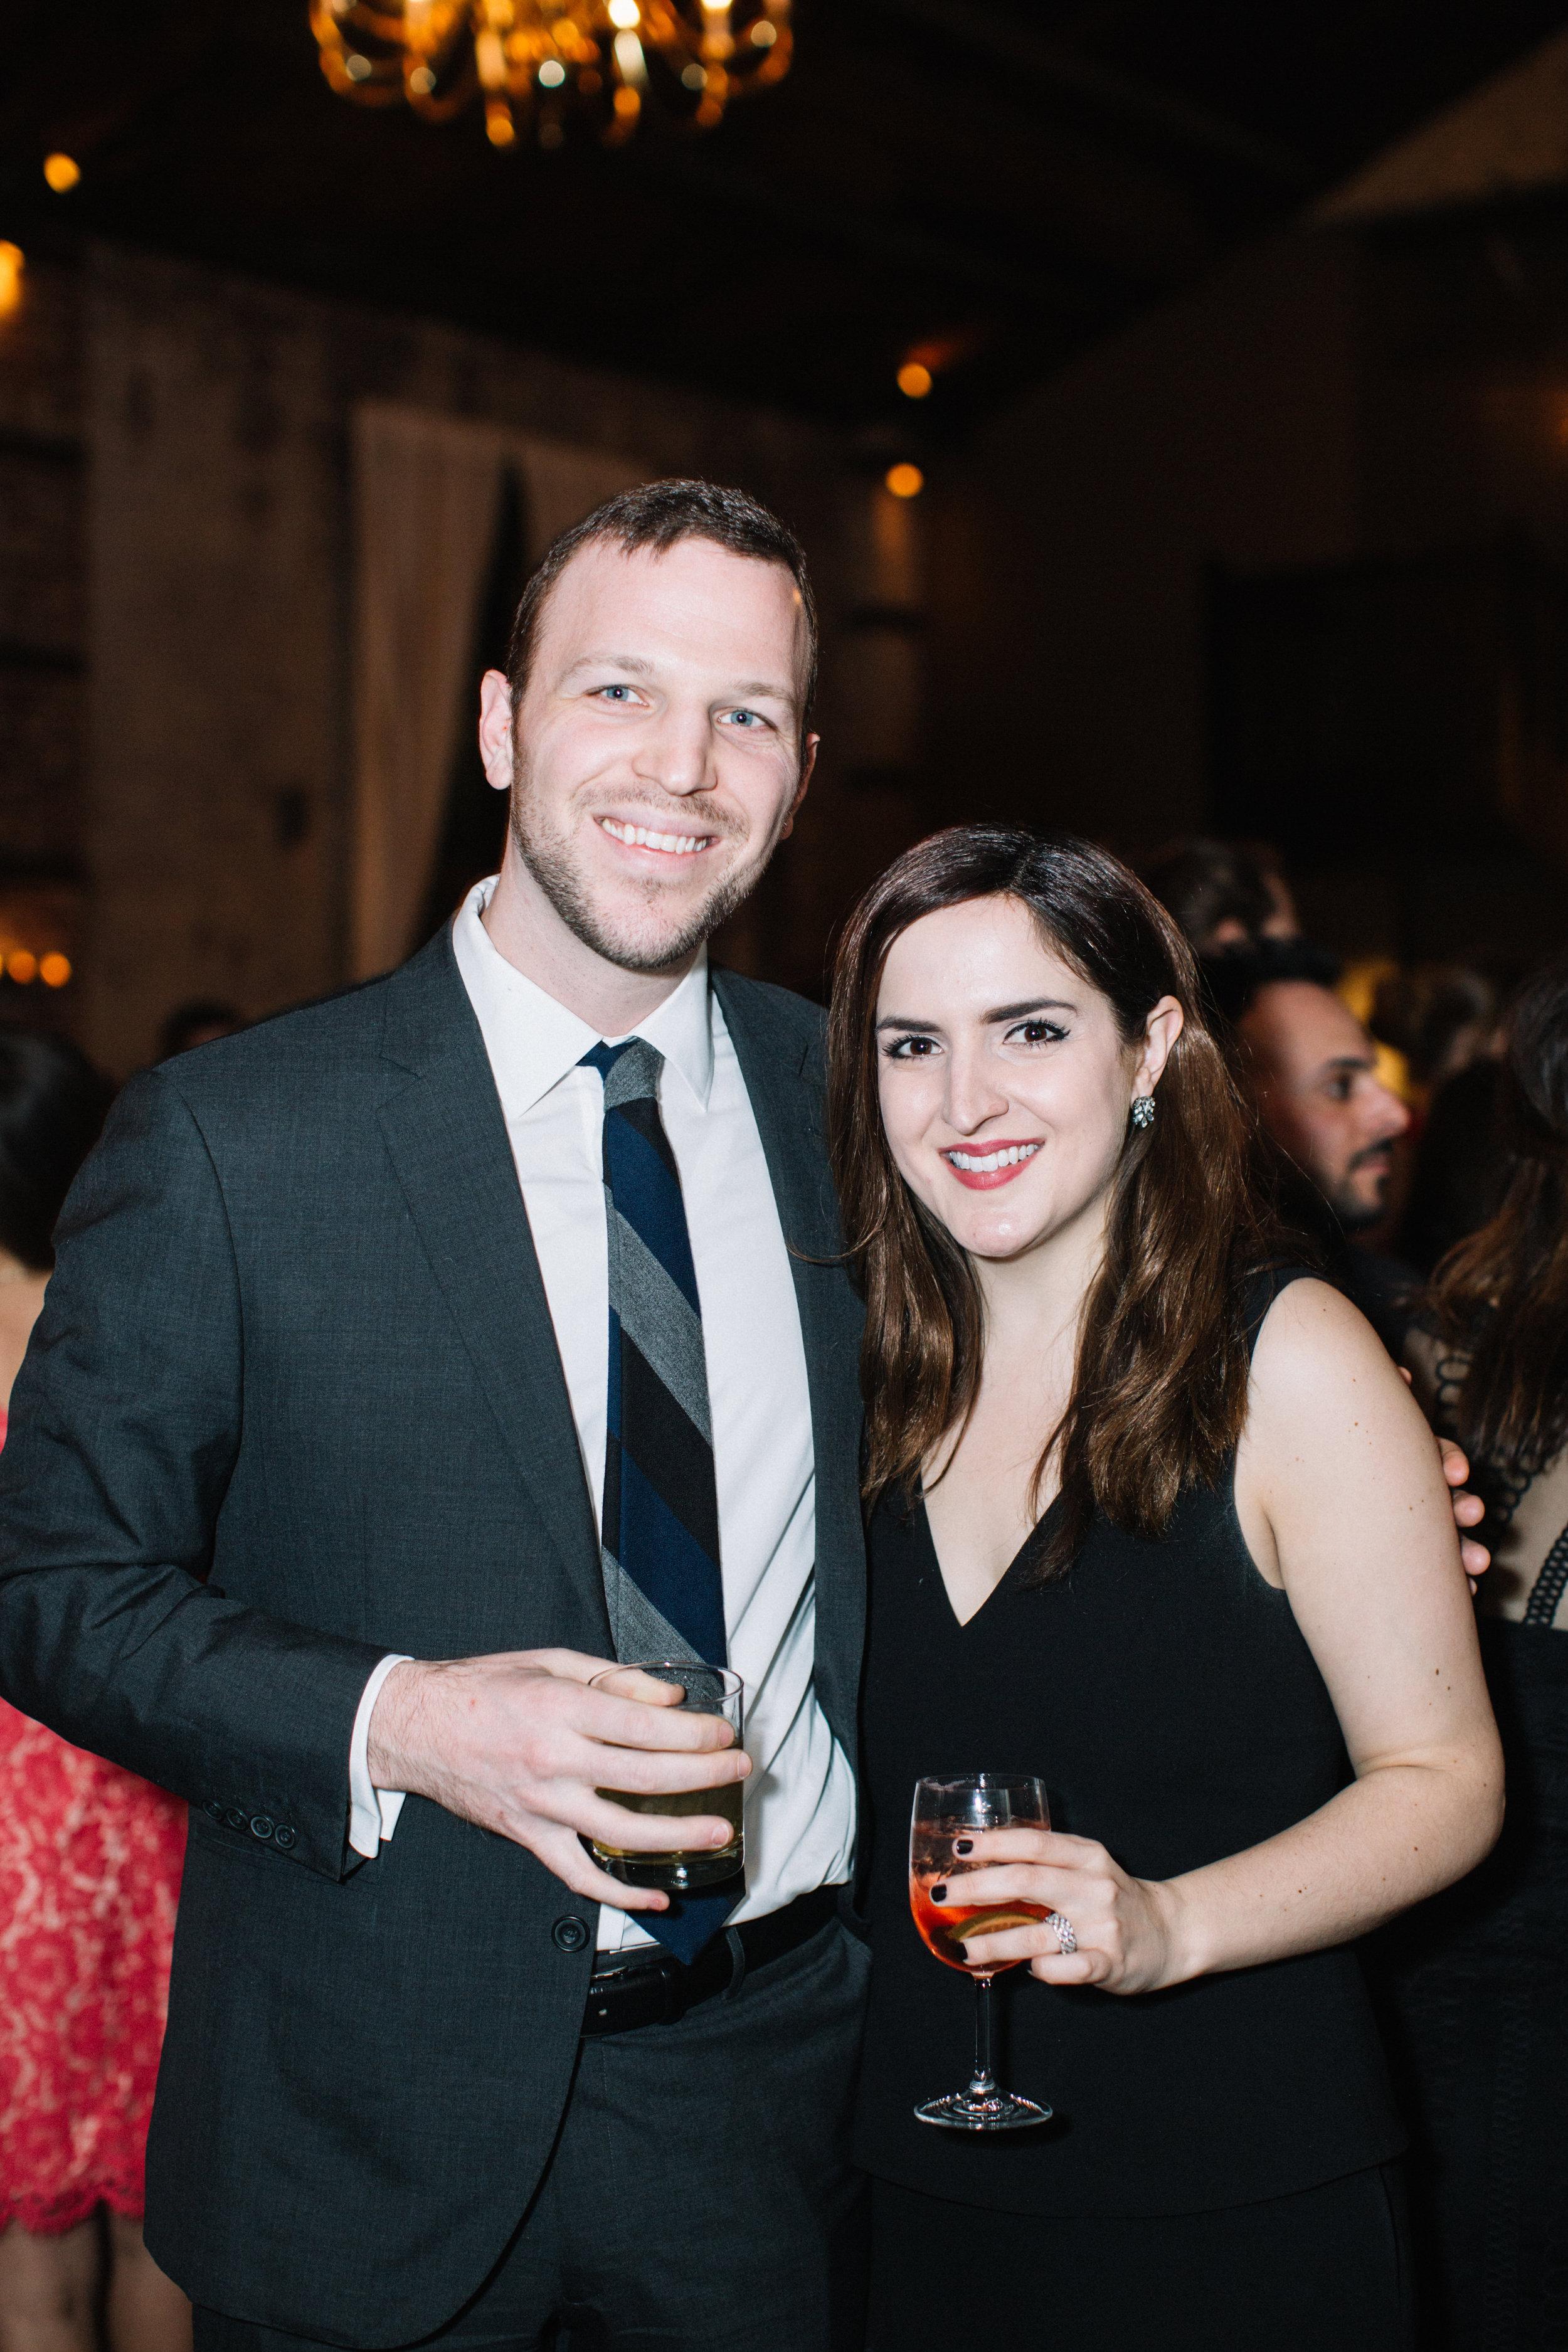 Katie&Ben_Wedding-842.jpg